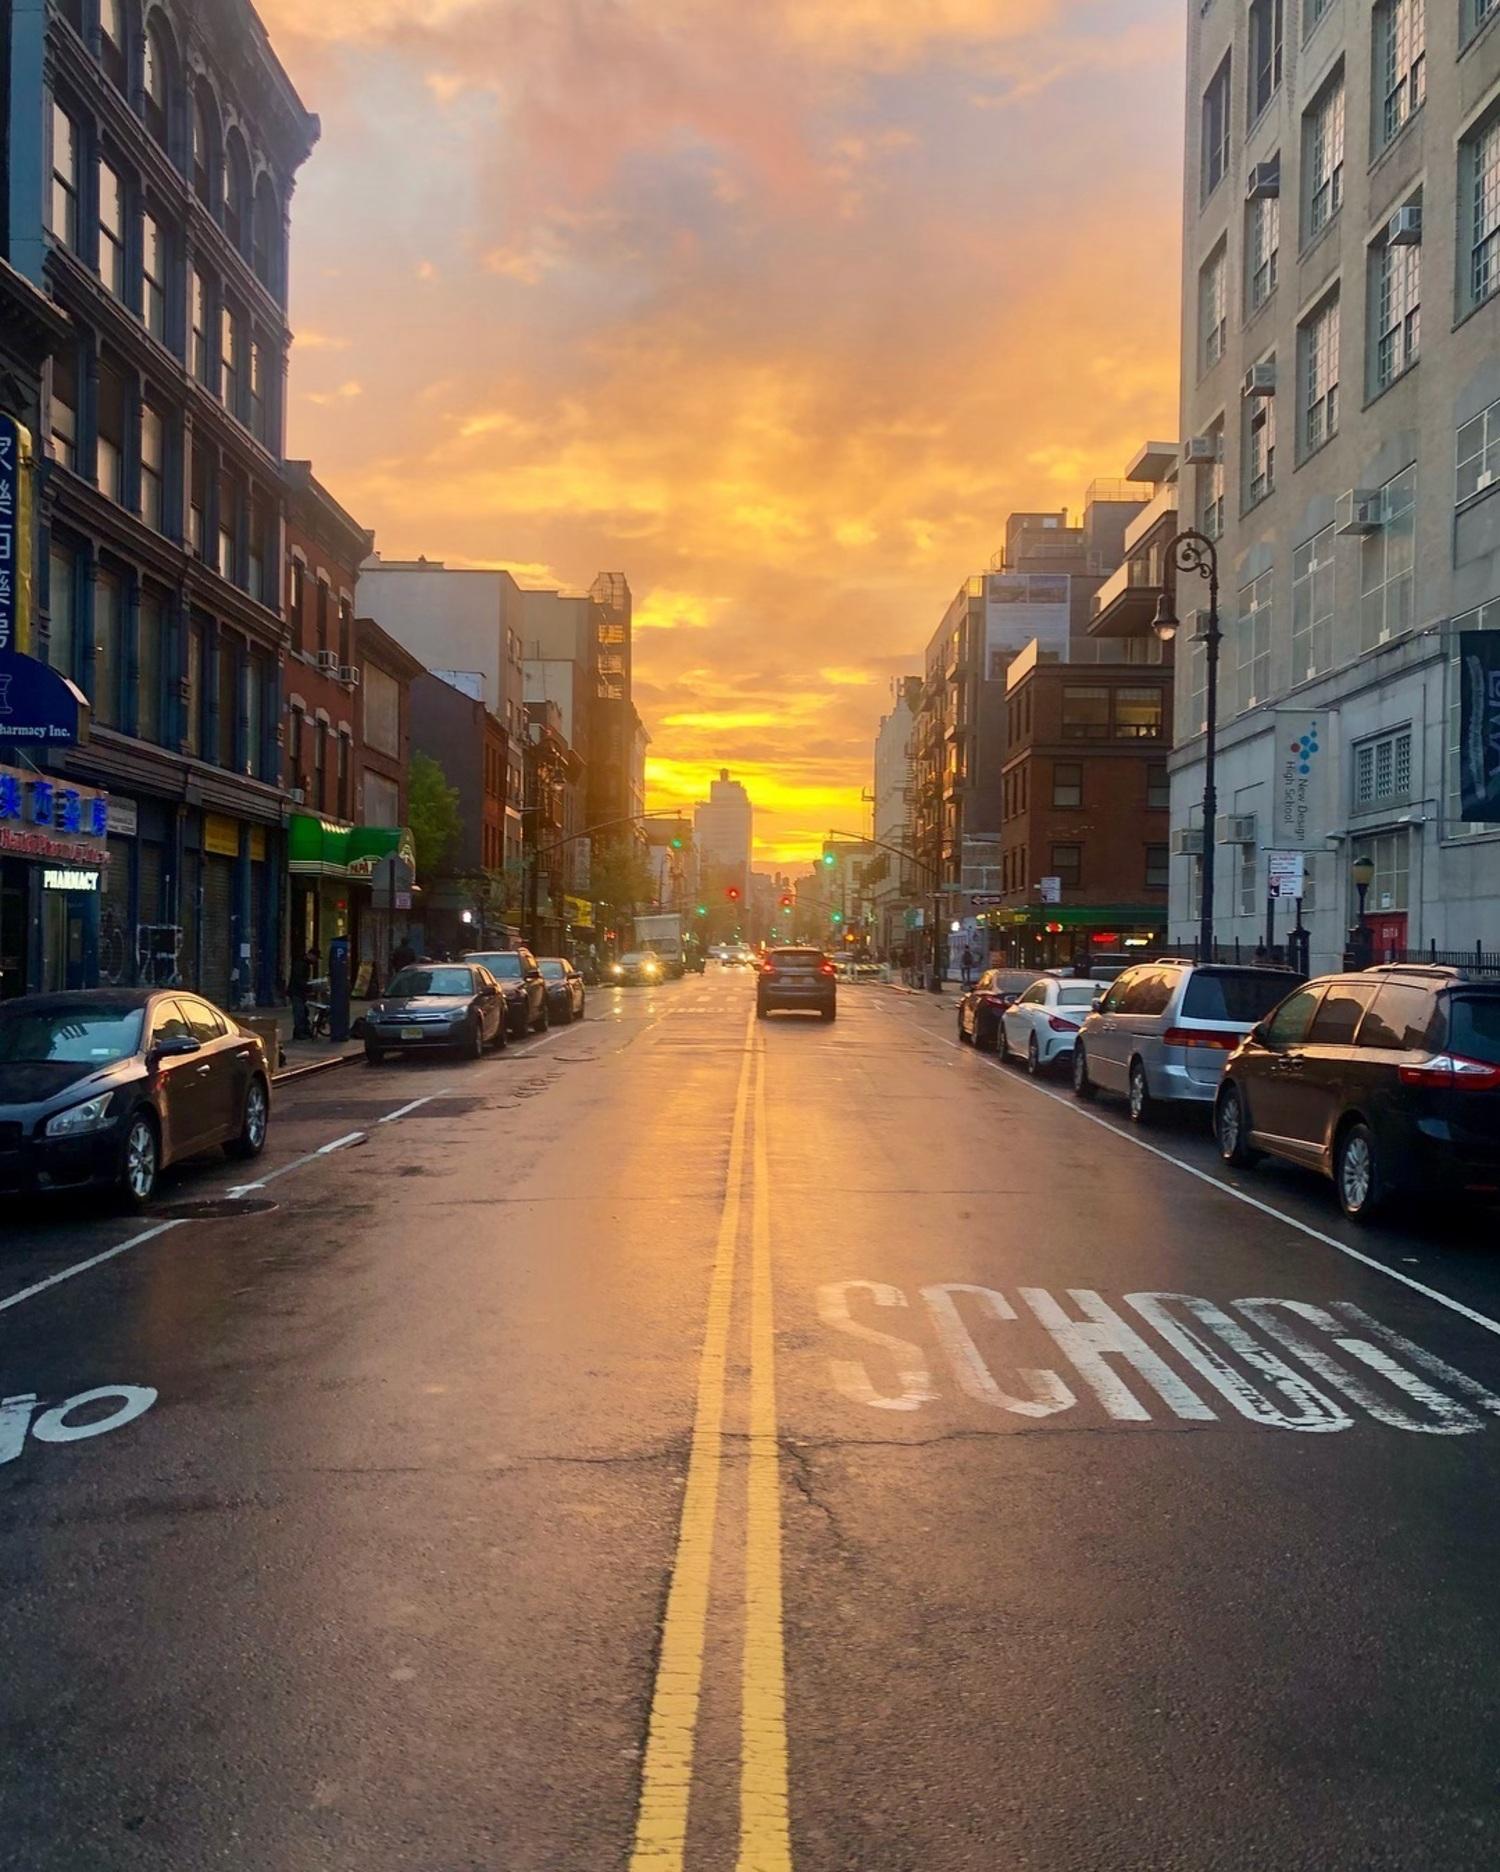 Sunset in Chinatown, Manhattan. Photo via @coneybeare #viewingnyc #nyc #newyork #newyorkcity #sunset